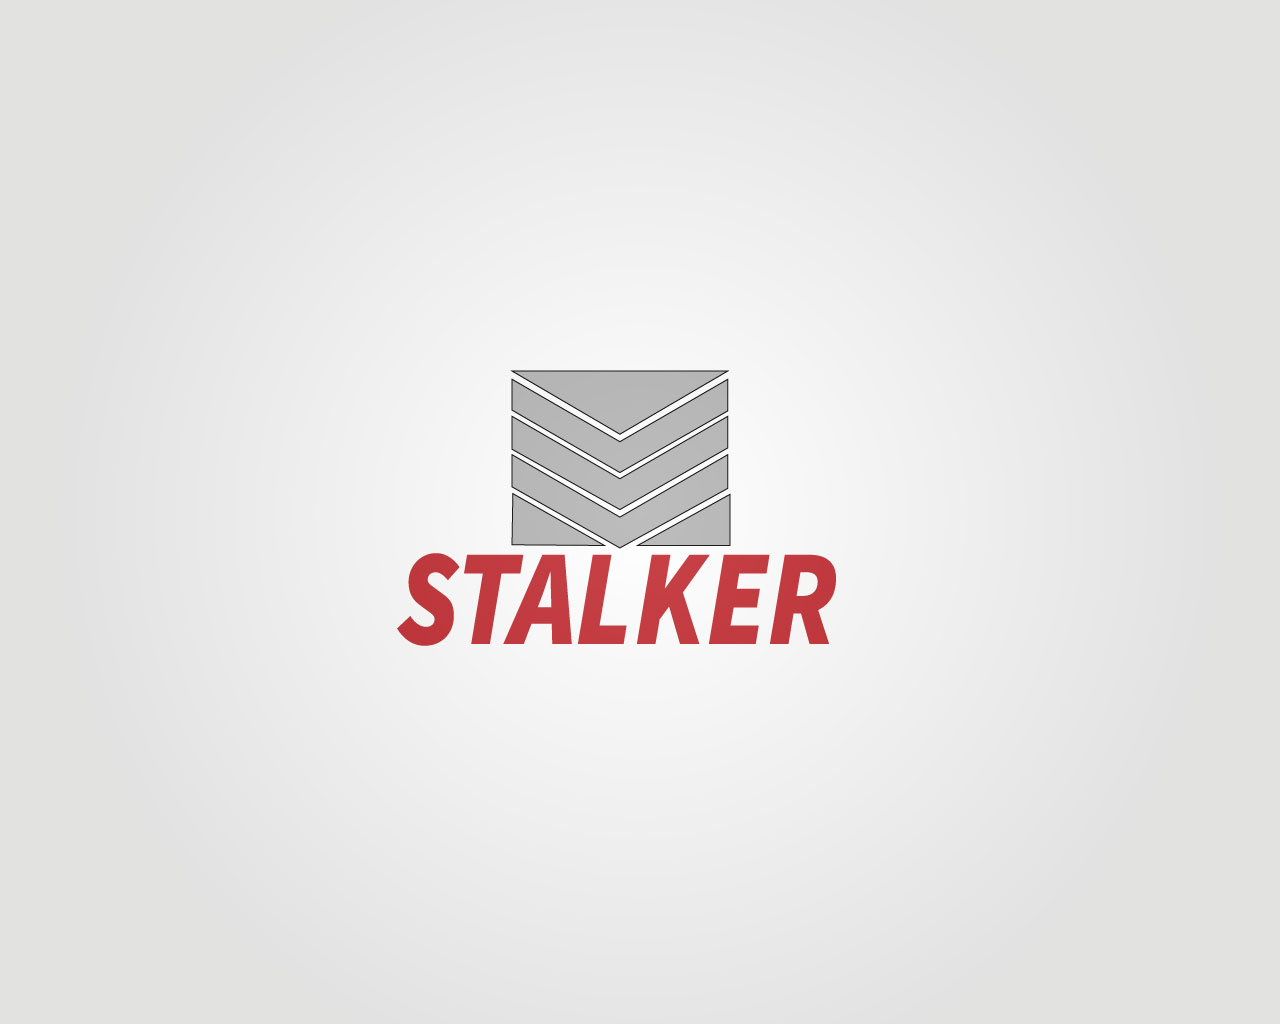 Разработать логотип для вездехода фото f_6025f8d4764d3575.jpg